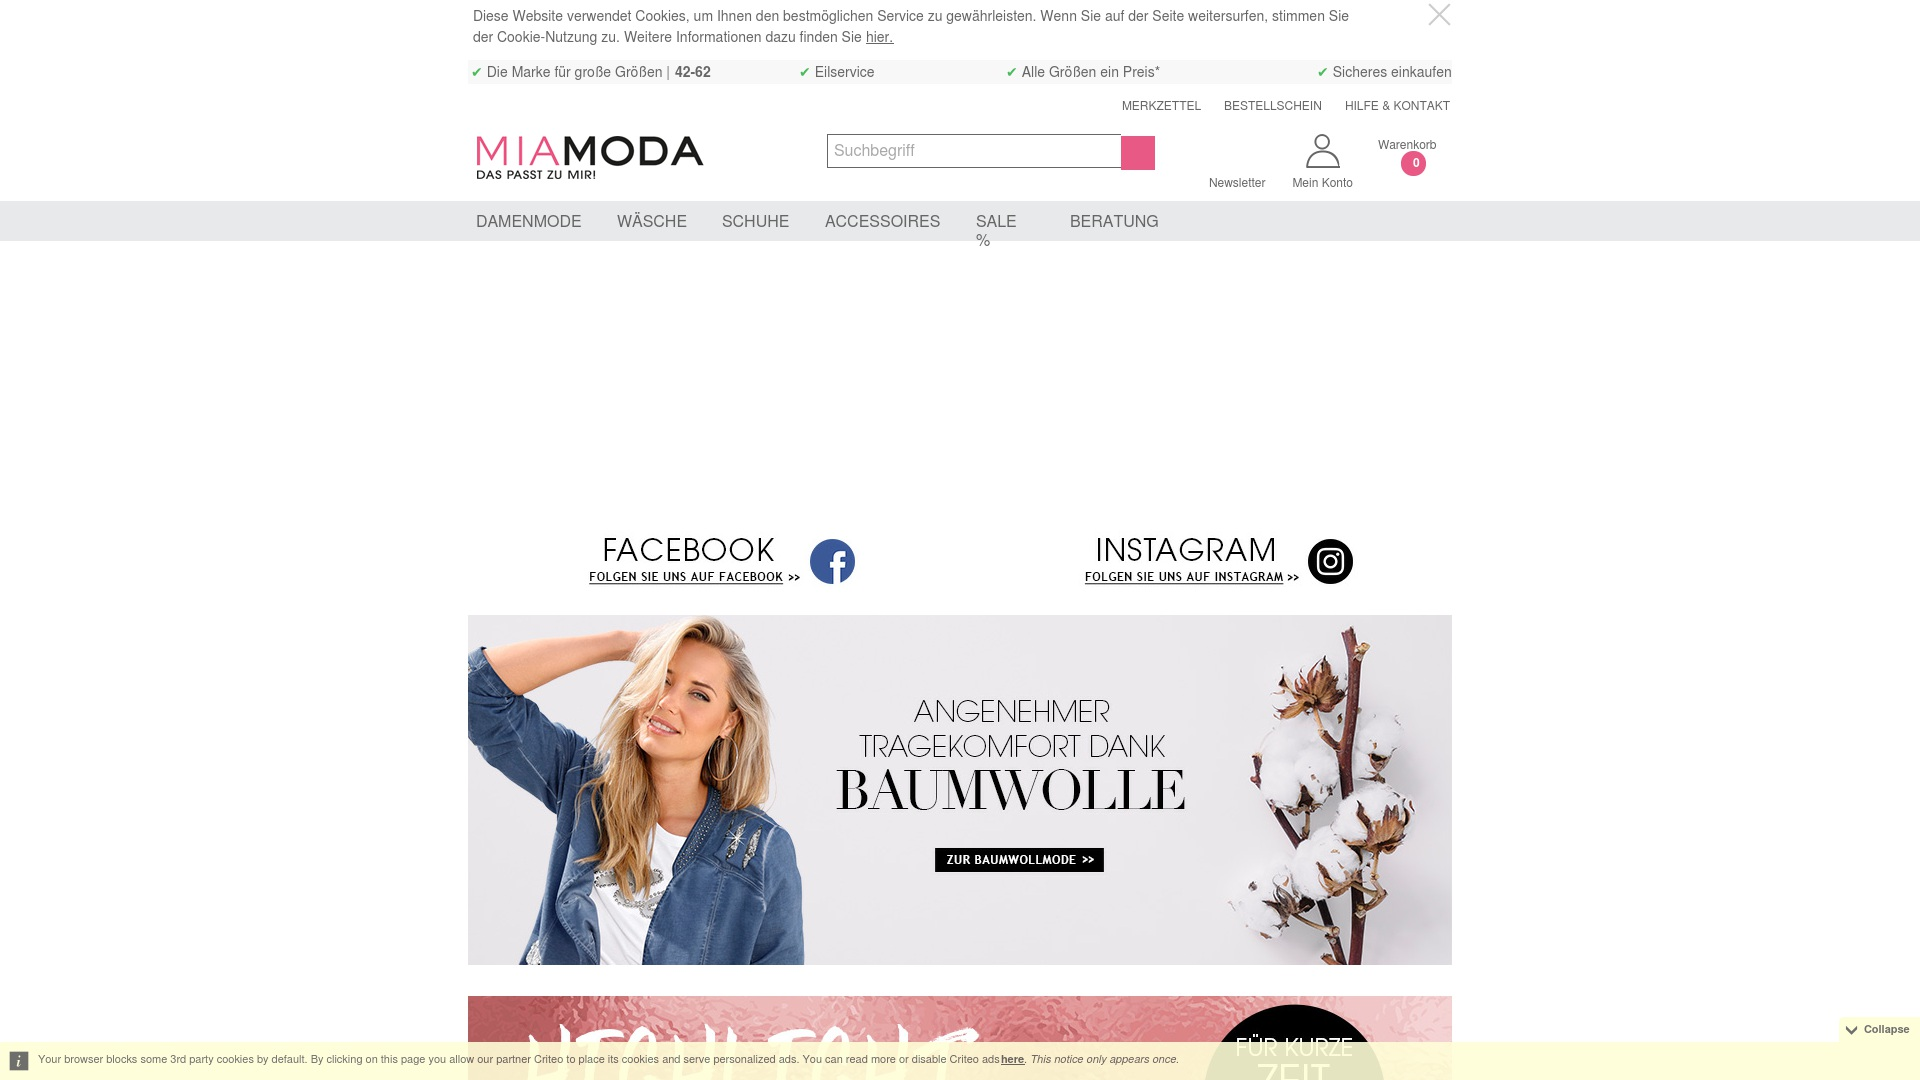 Gutschein für Mia-moda: Rabatte für  Mia-moda sichern